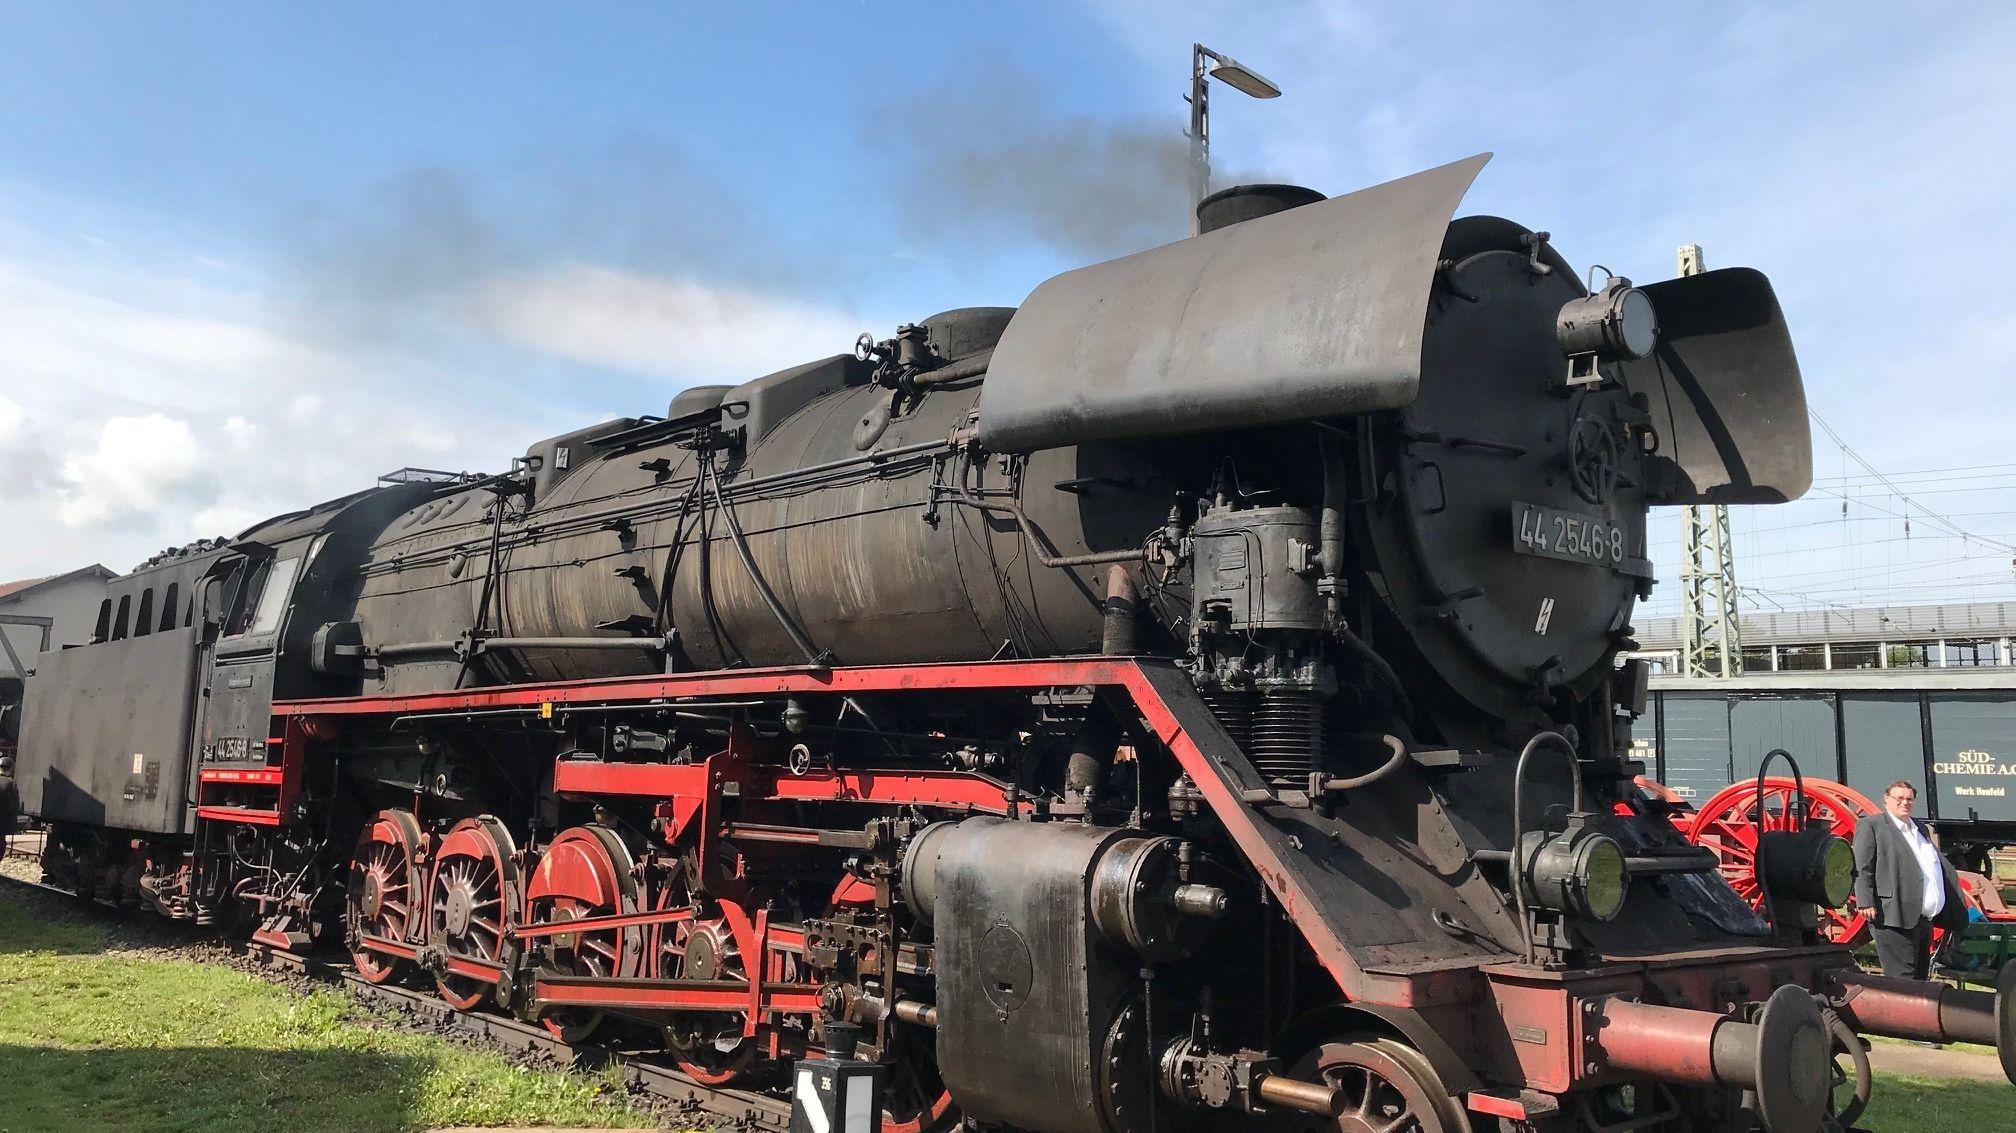 Dampflok im Bayerischen Eisenbahnmuseum